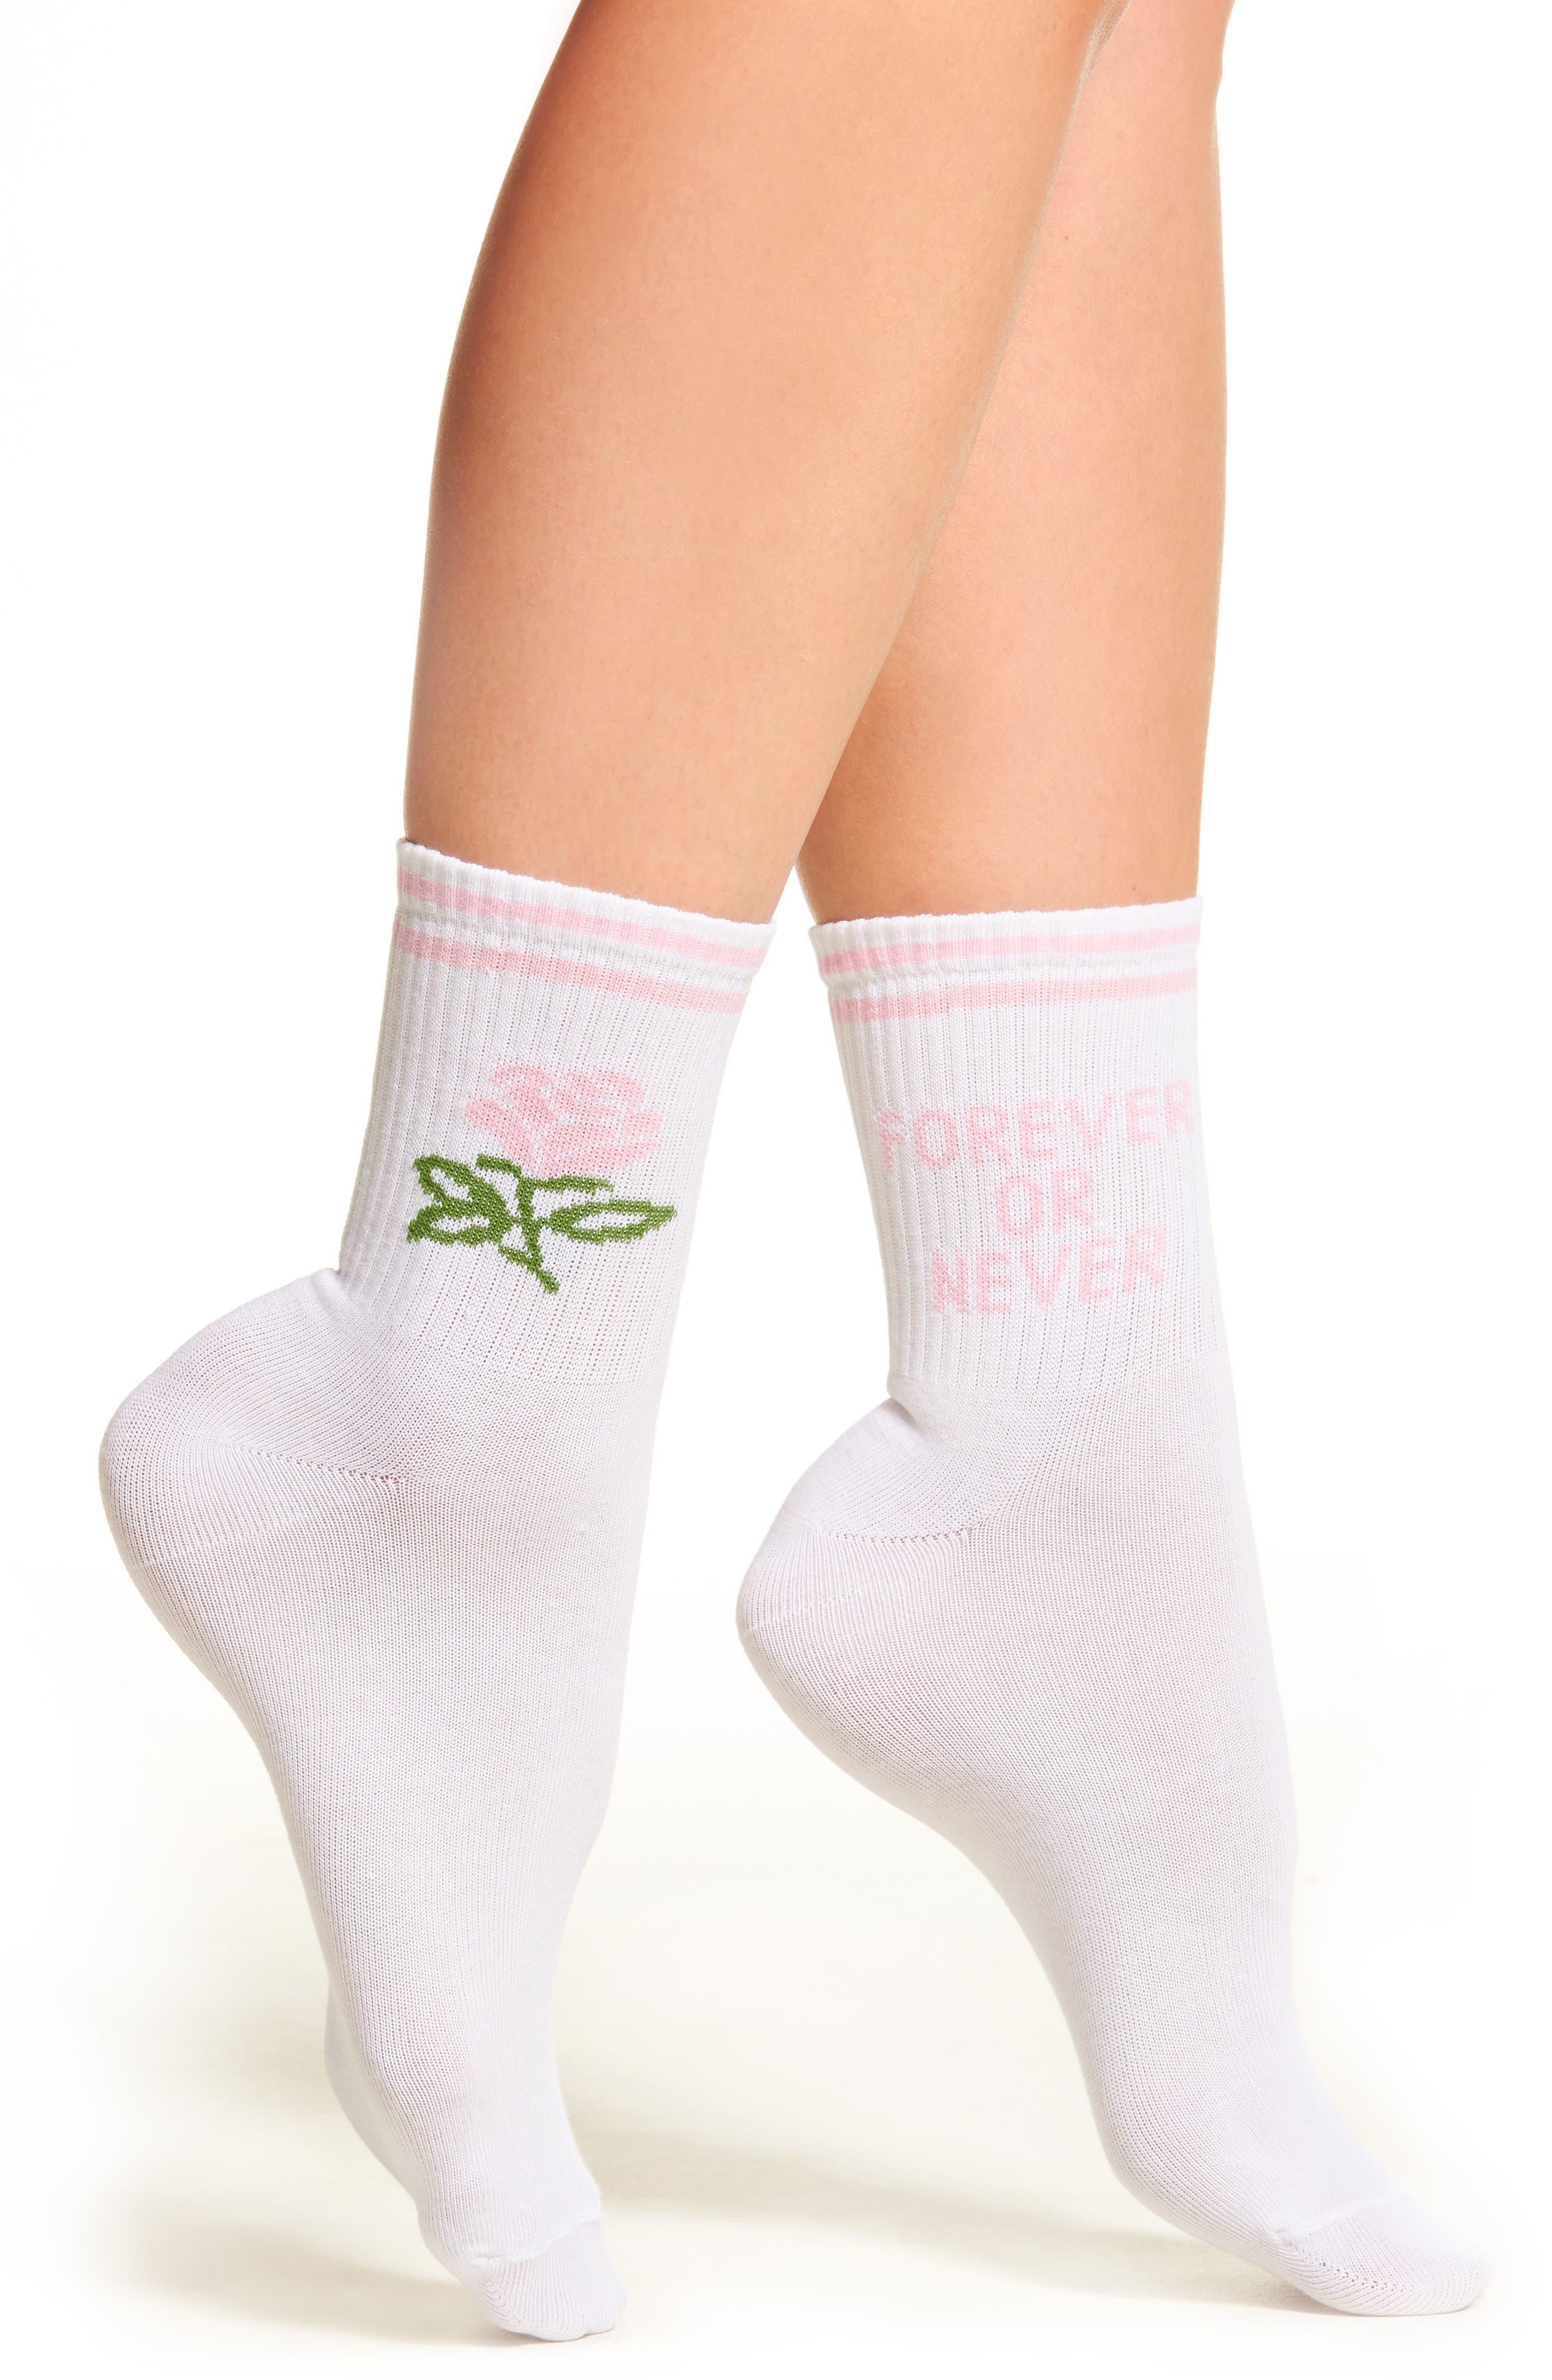 Forever or Never Socks,                         Main,                         color, 100